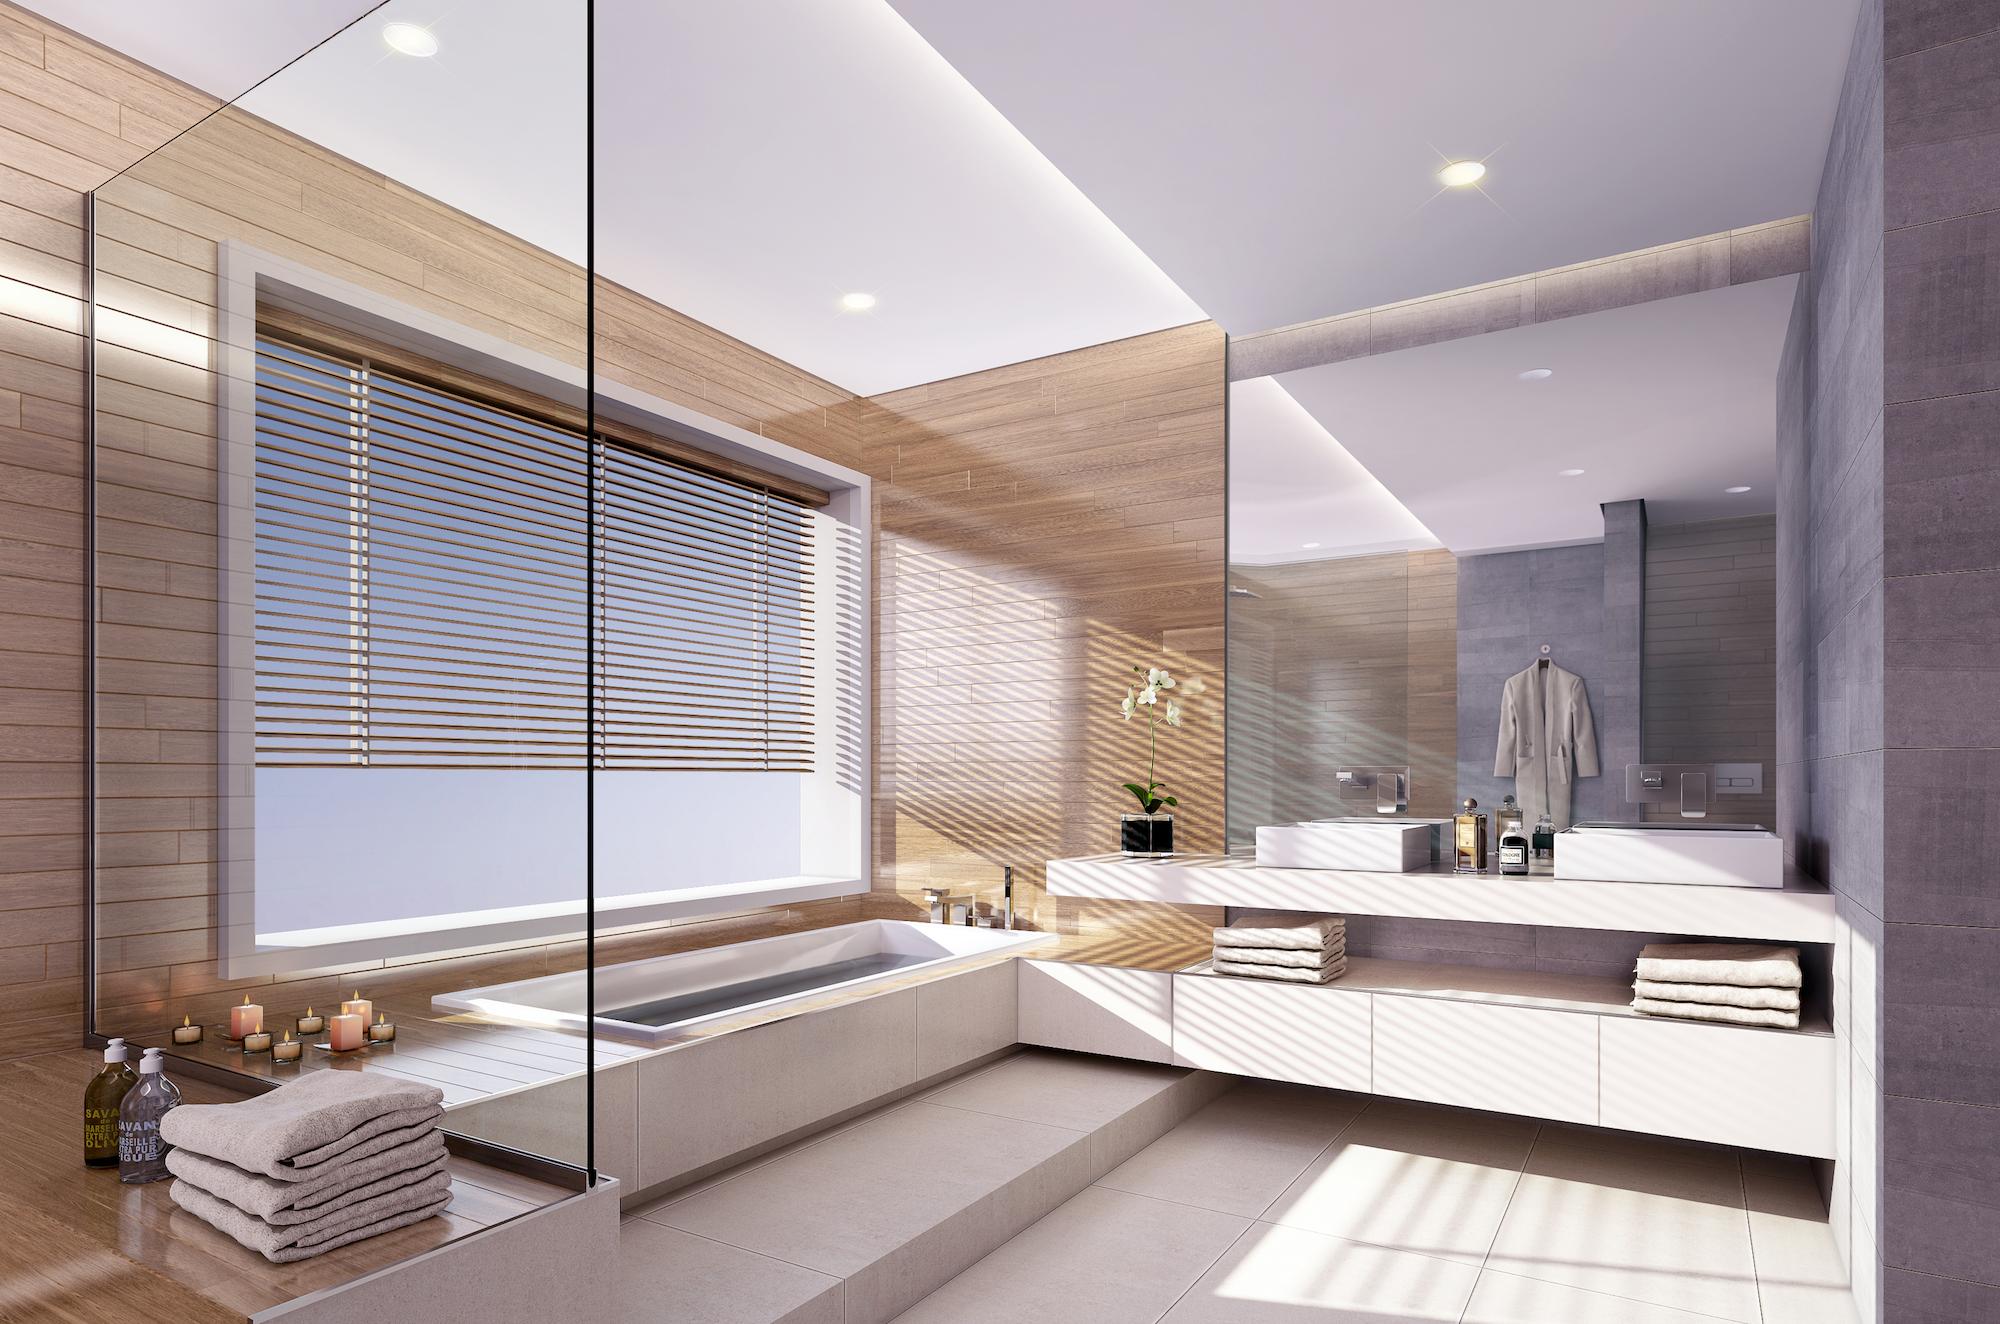 Successful interior designer